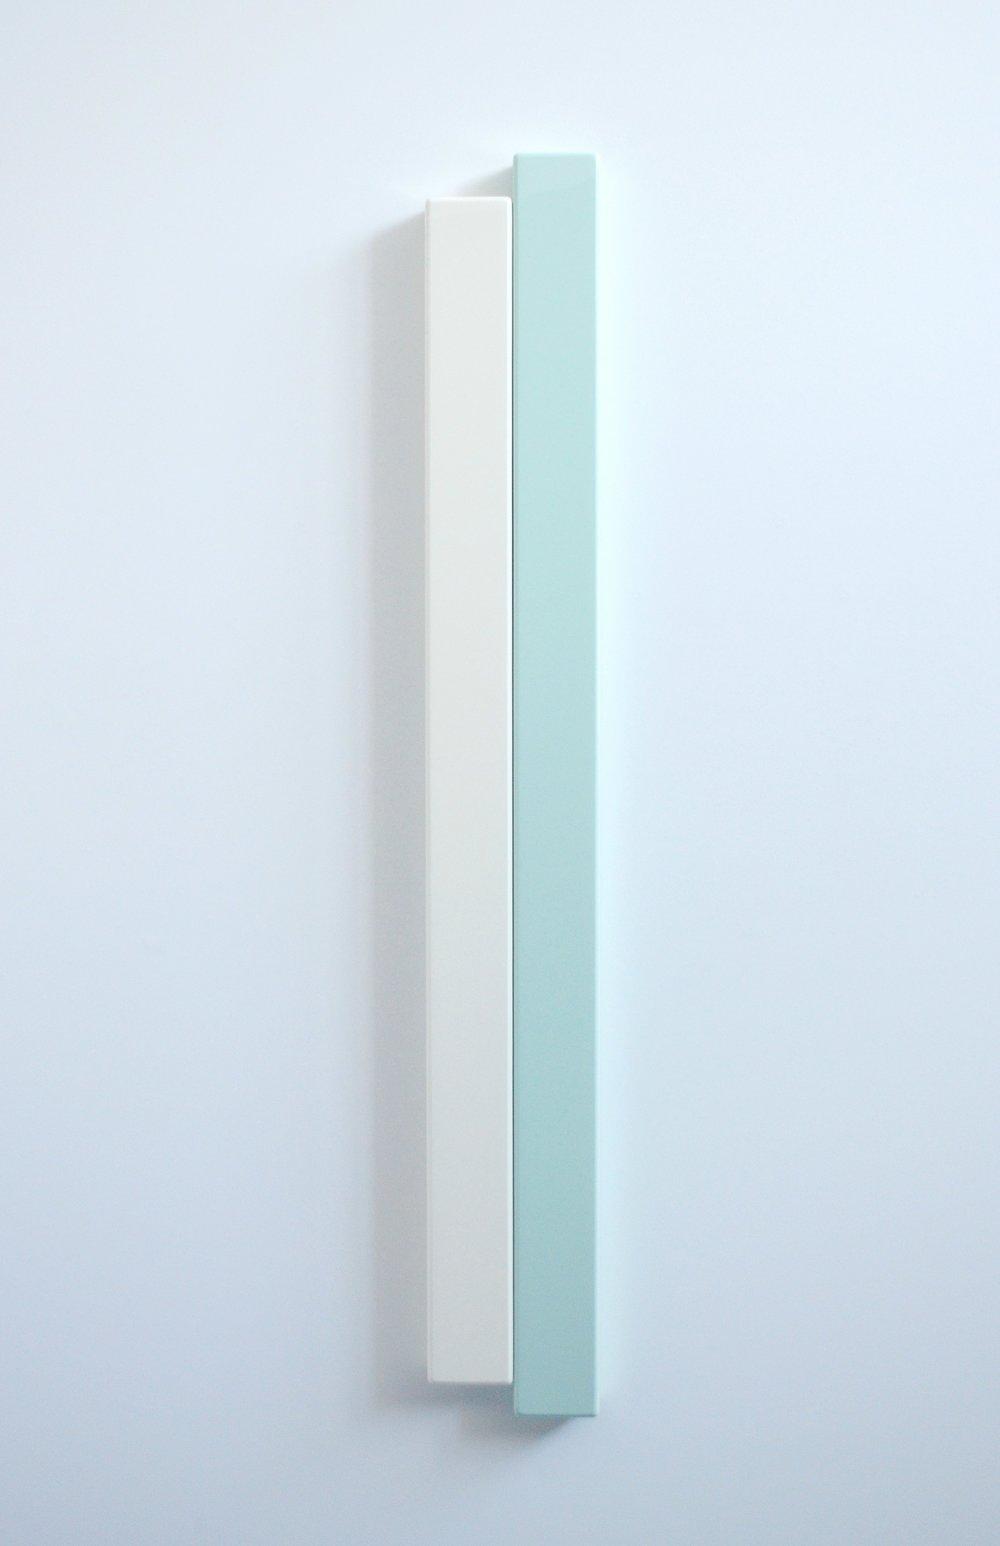 SUZIE IDIENS  Green White  2012 MDF, Polyurethane 118 ×16 ×5 cm